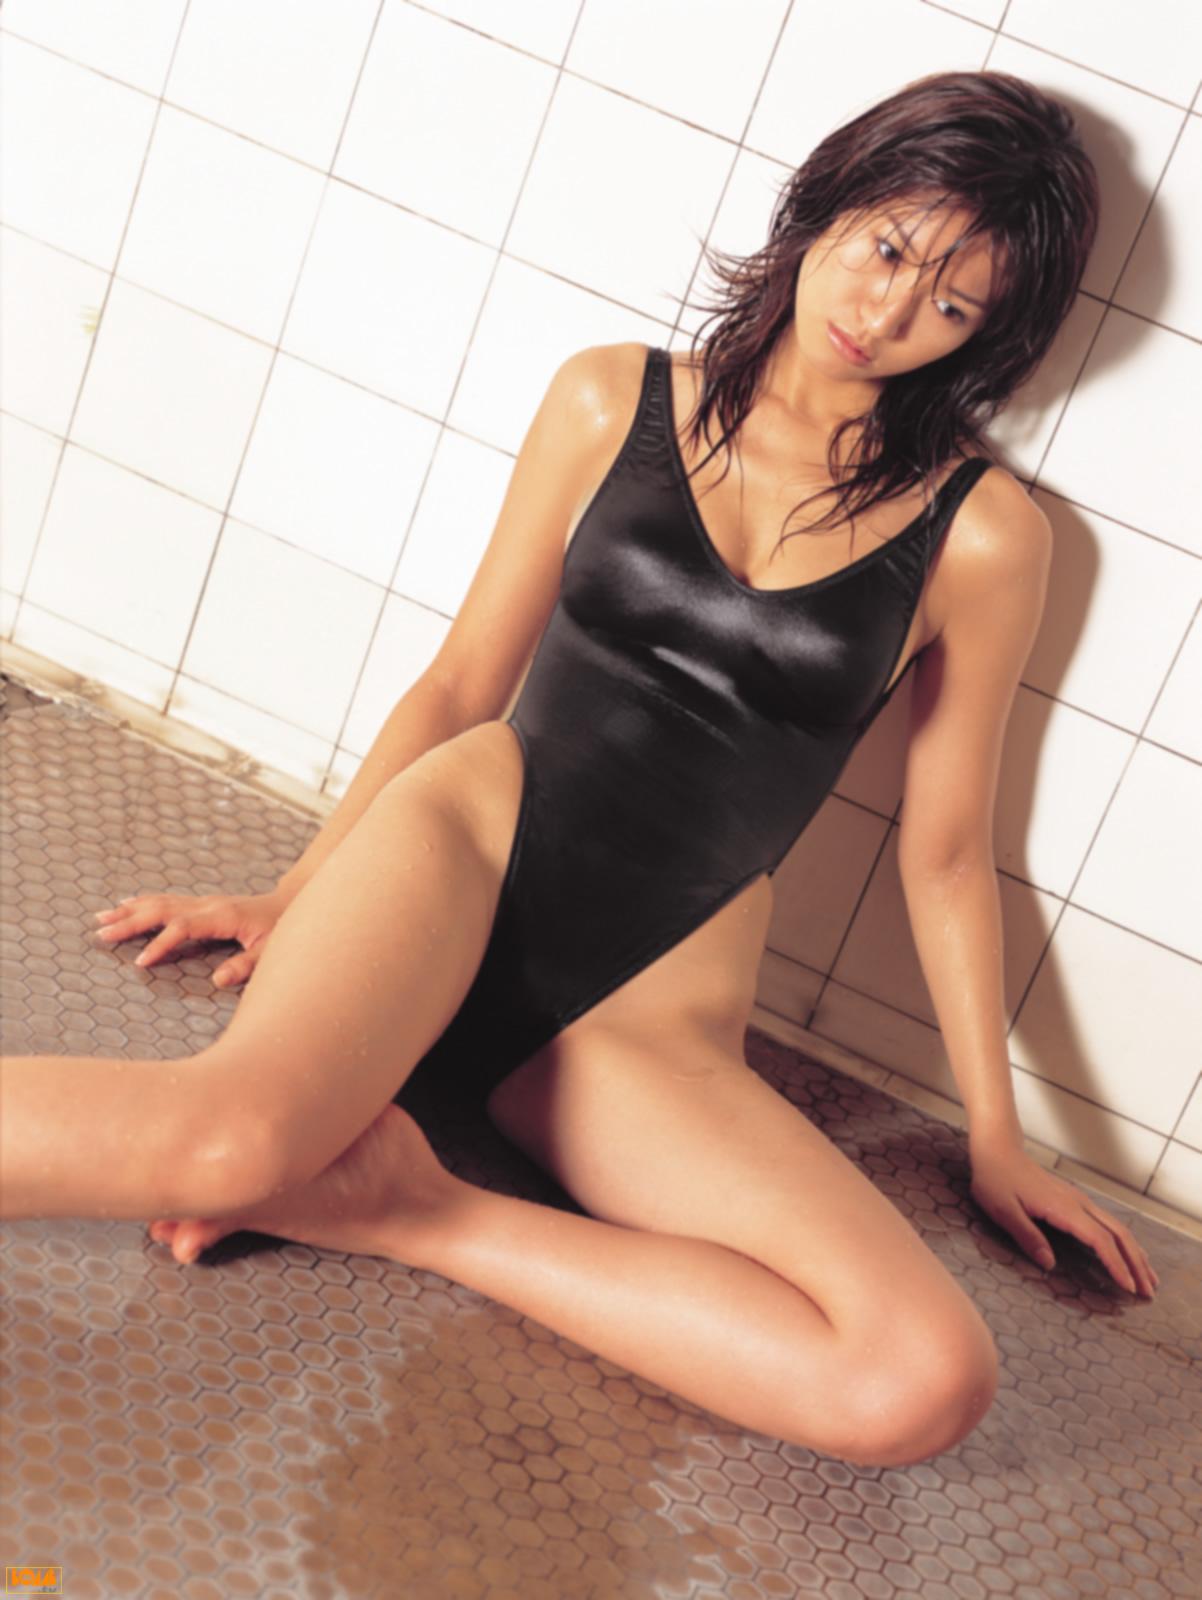 image http://scanlover.com/assets/images/6980-CVvu7GmTsF5HRz0q.jpeg